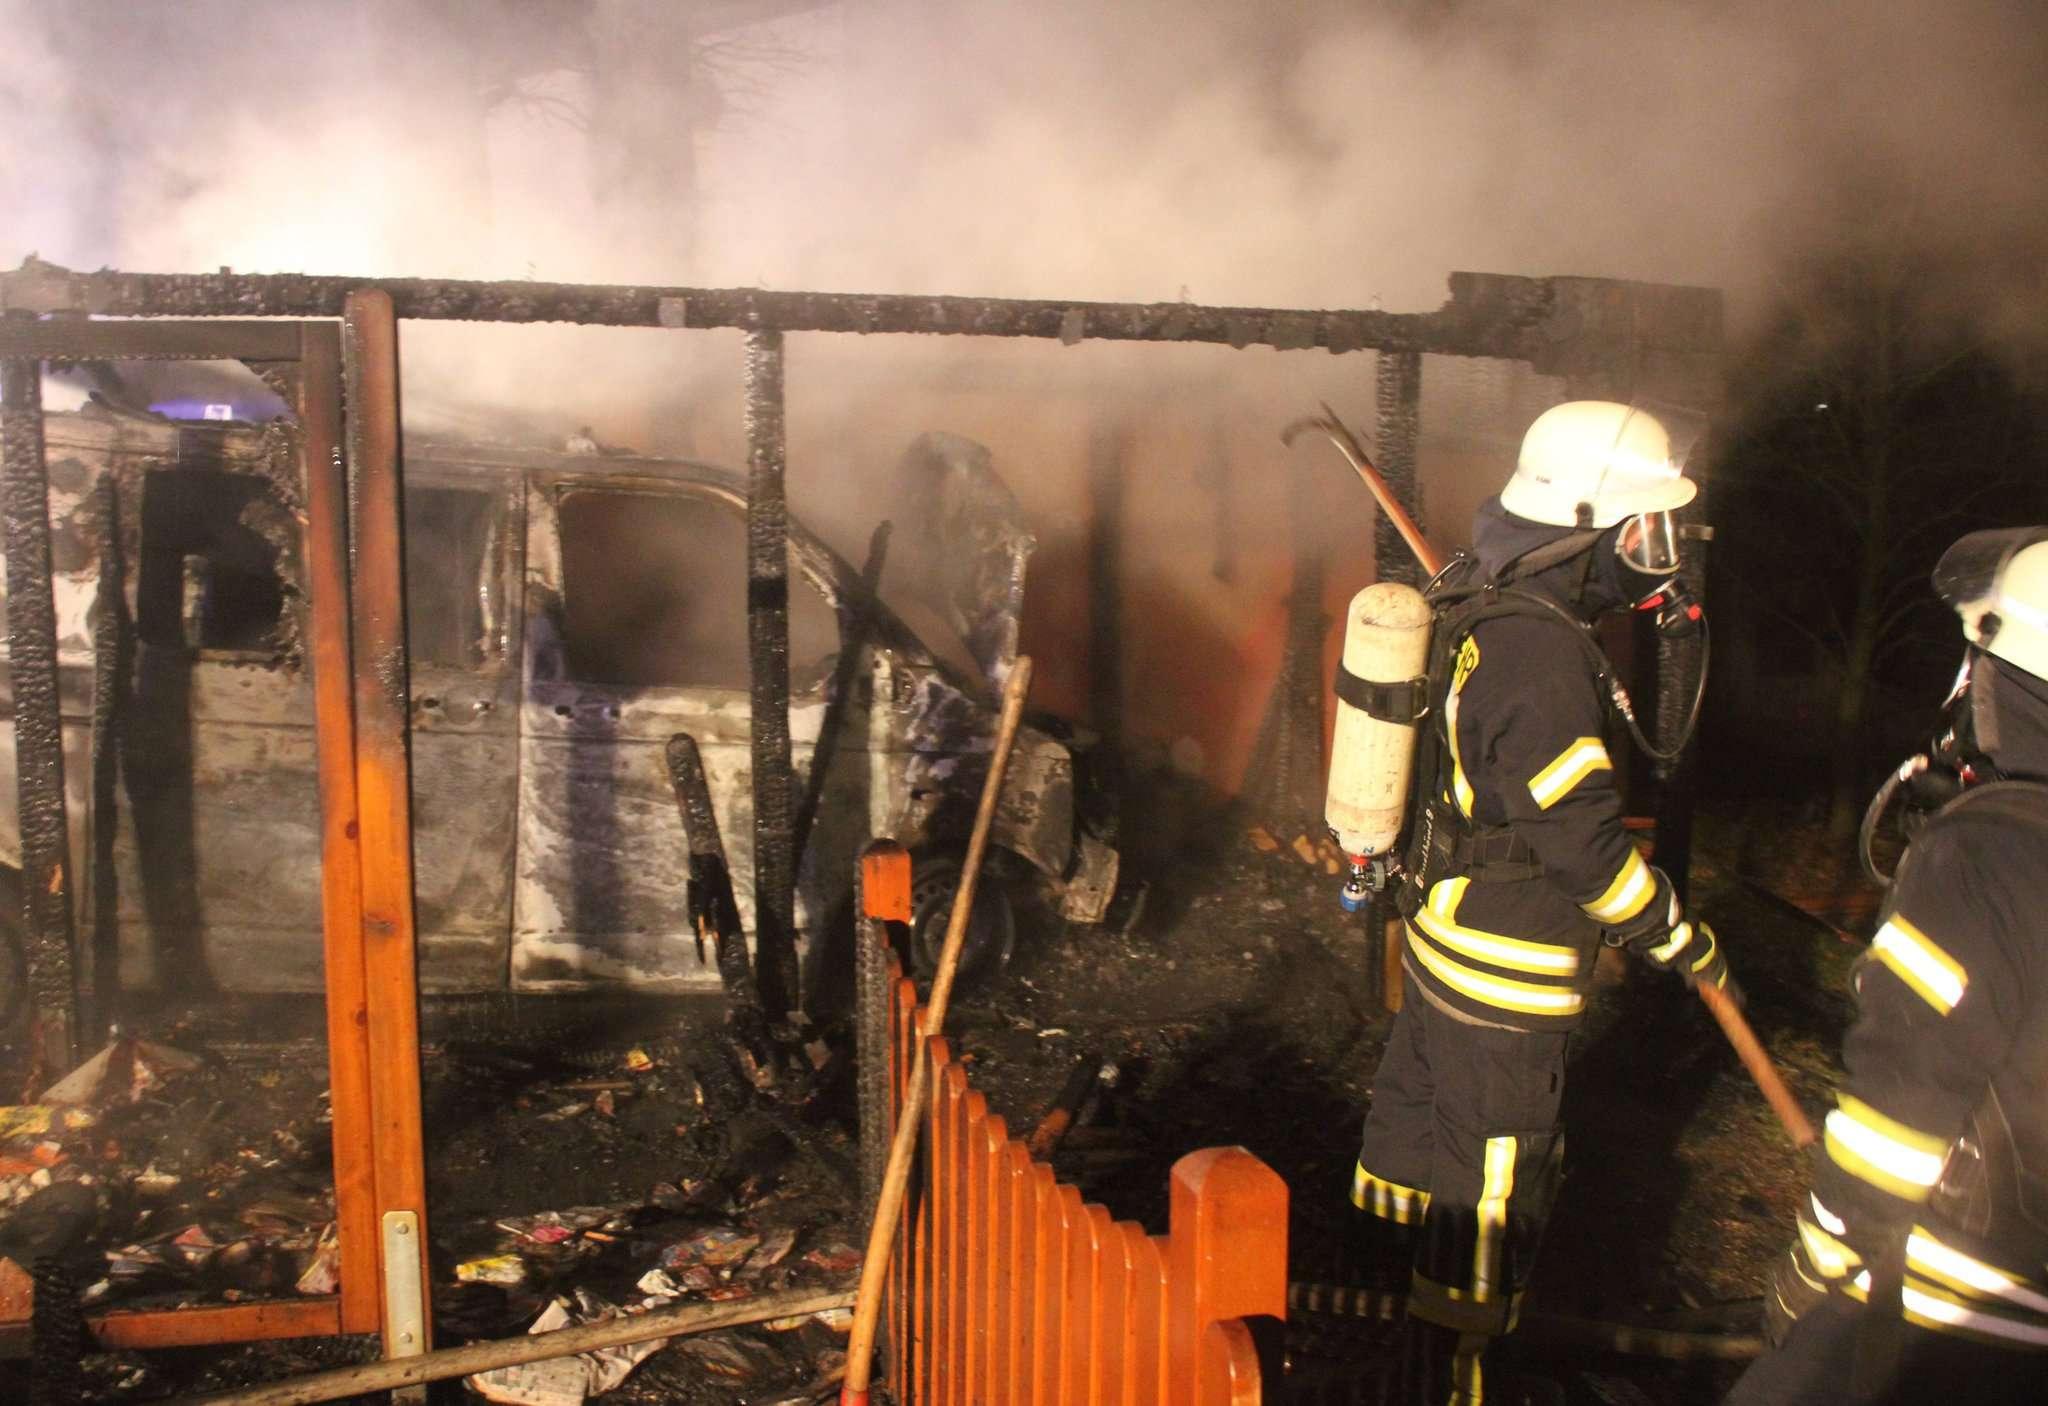 Die Einsatzkräfte bekamen den Brand unter Kontrolle.